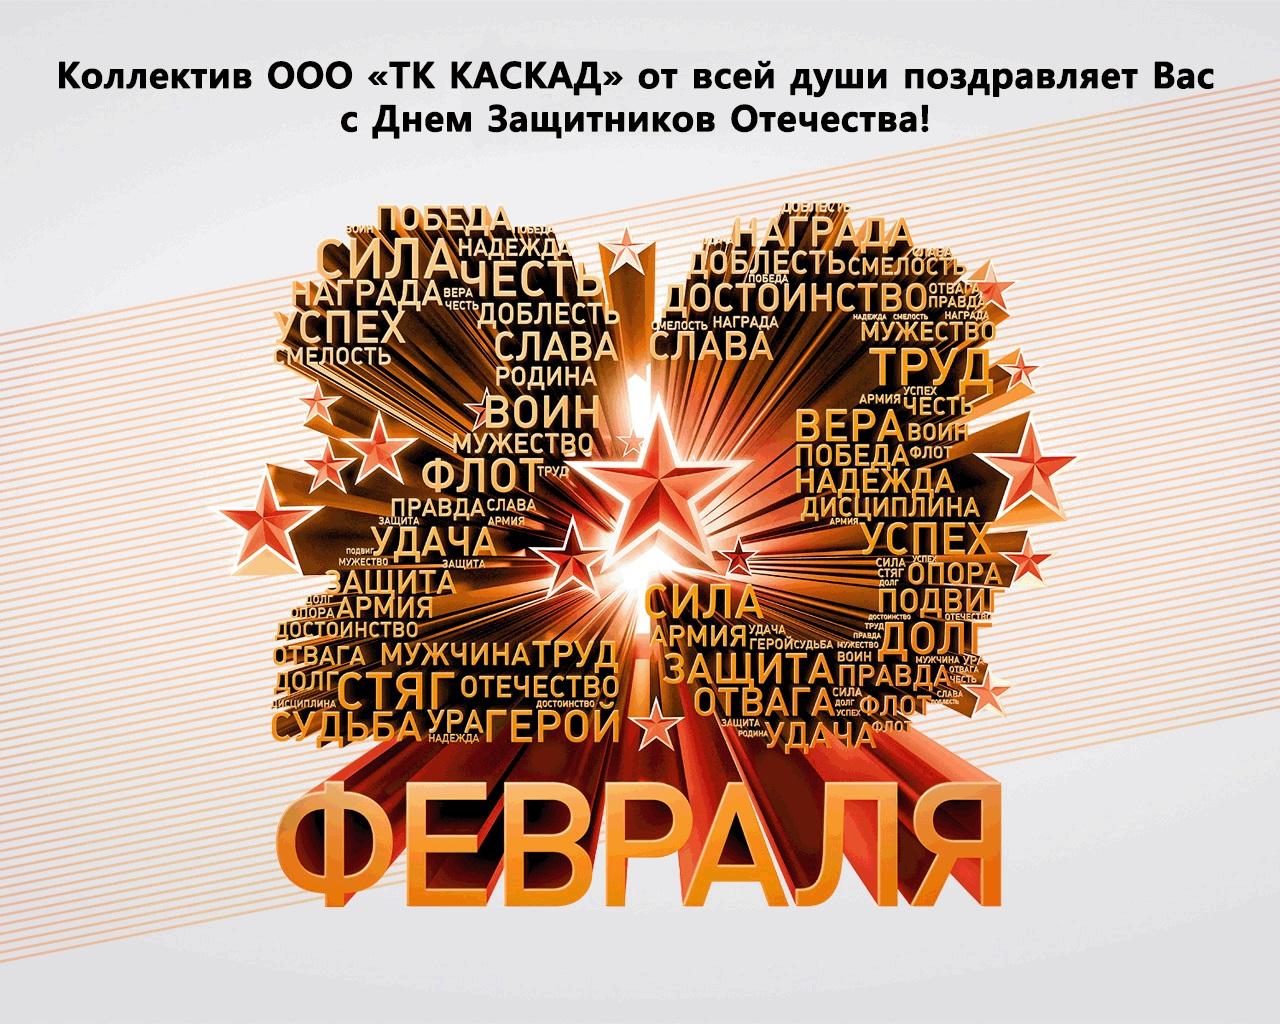 23_февраля Поздравляем вас с Днем защитника Отечества! Каскад запчасти и комплектующие для гусеничной техники